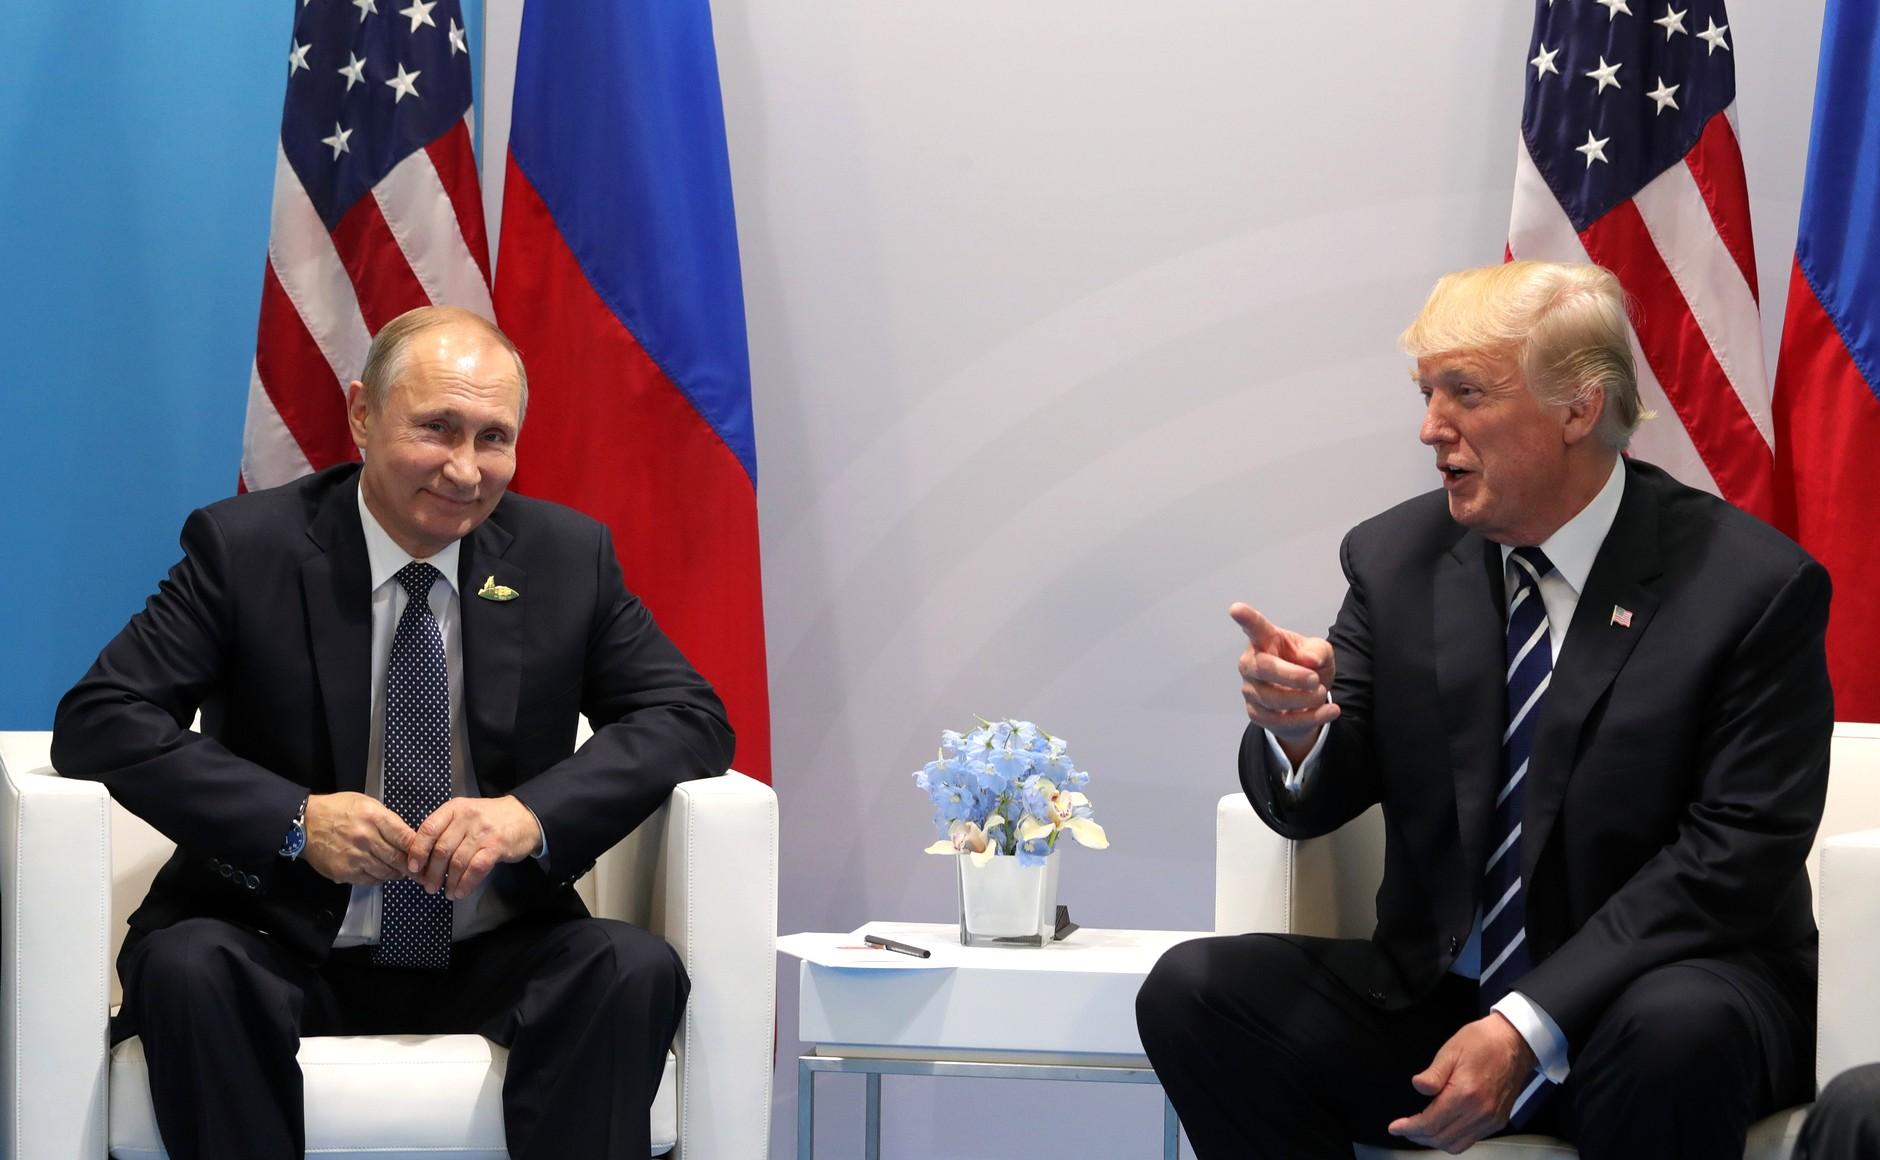 Стала известна причина исчезновения записей переводчика со встречи Путина и Трампа